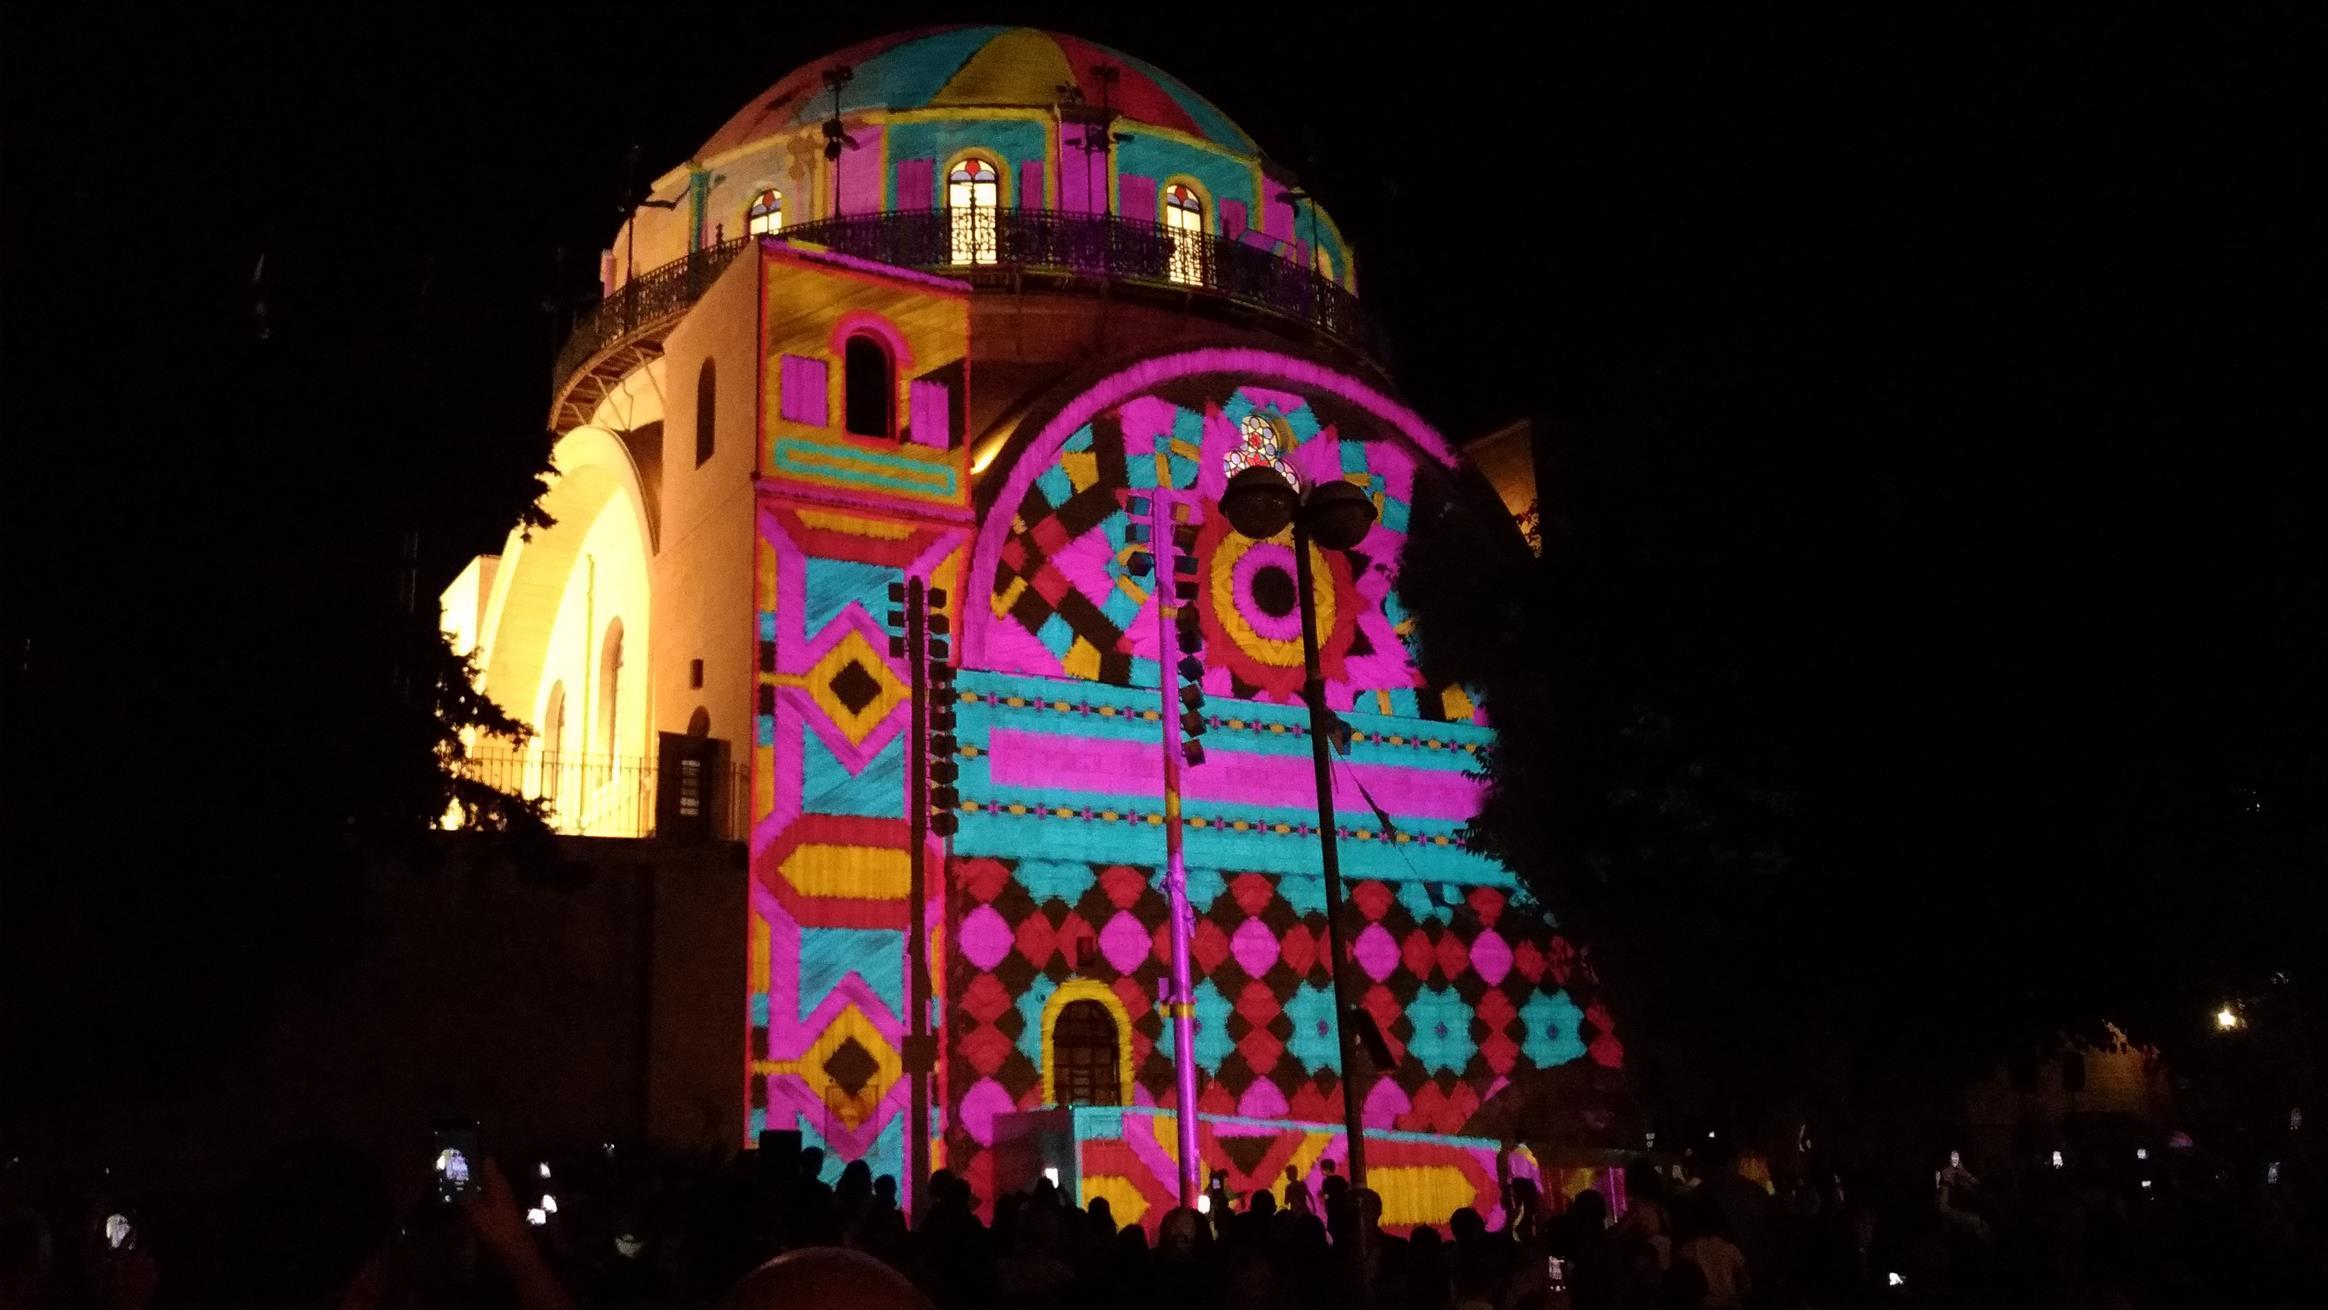 בית כנסת החורבה - פסטיבל האור ירושלים 2018